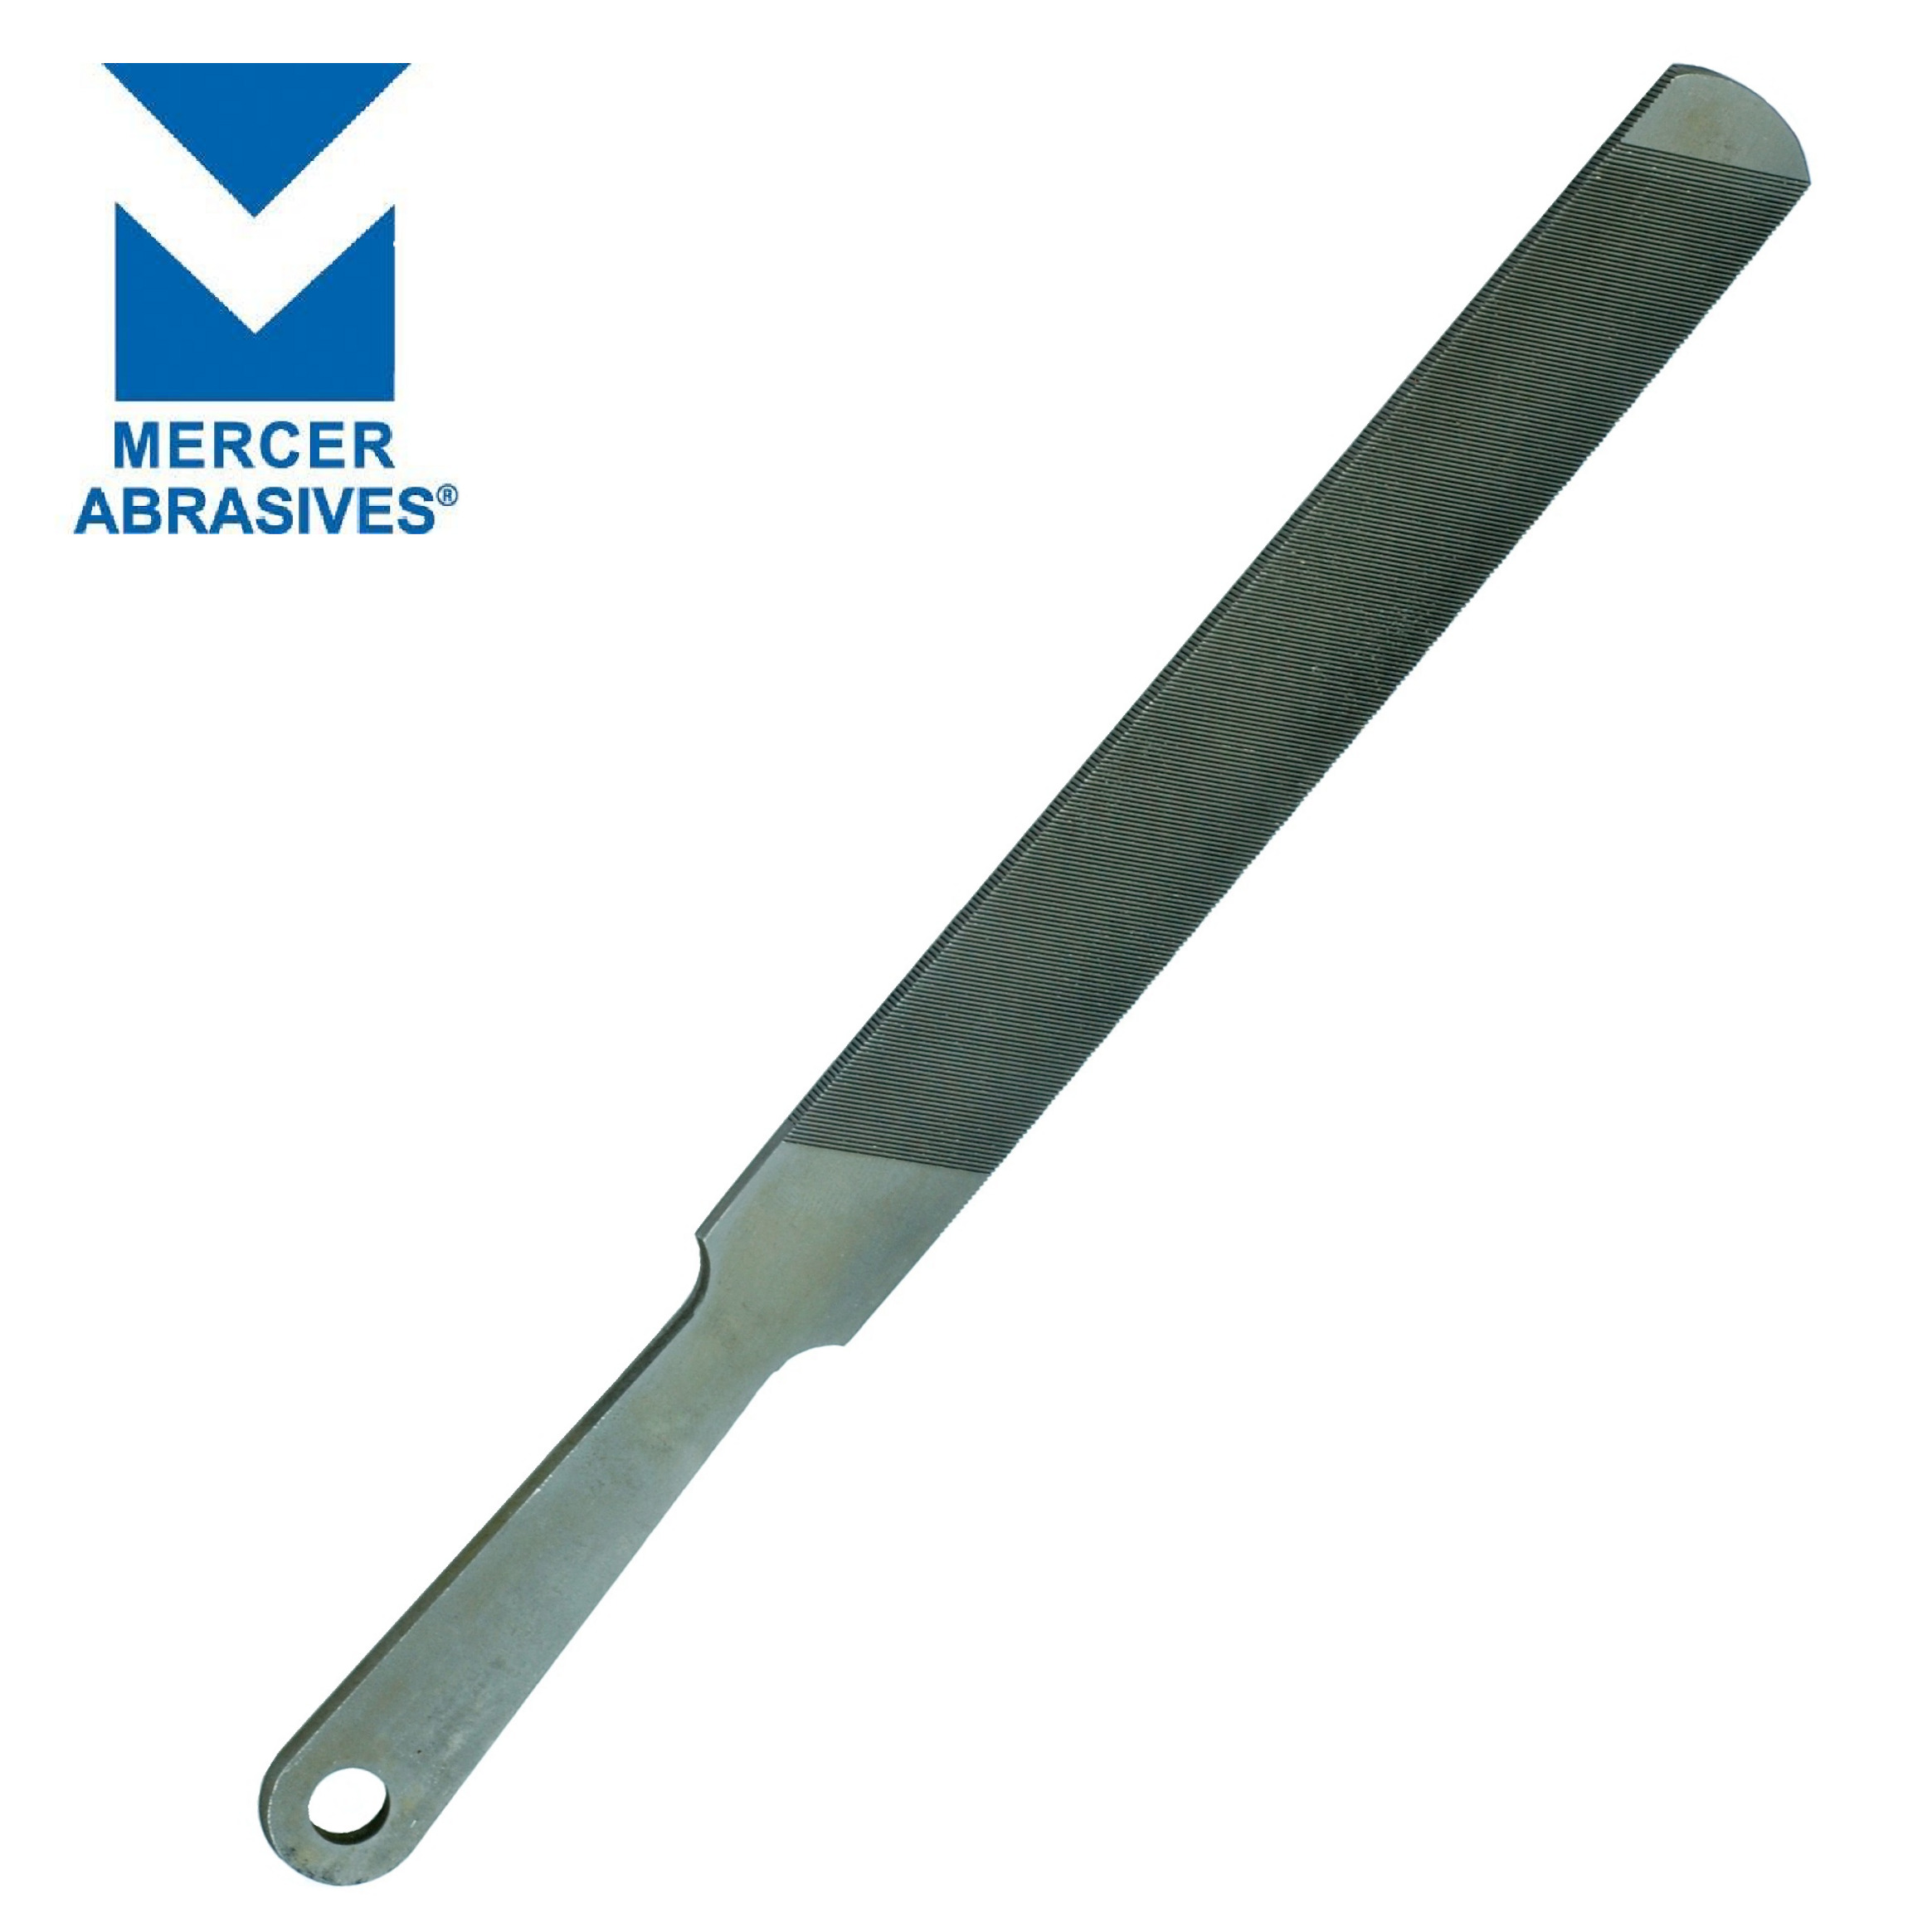 Mercer 6 Inch Pocket File